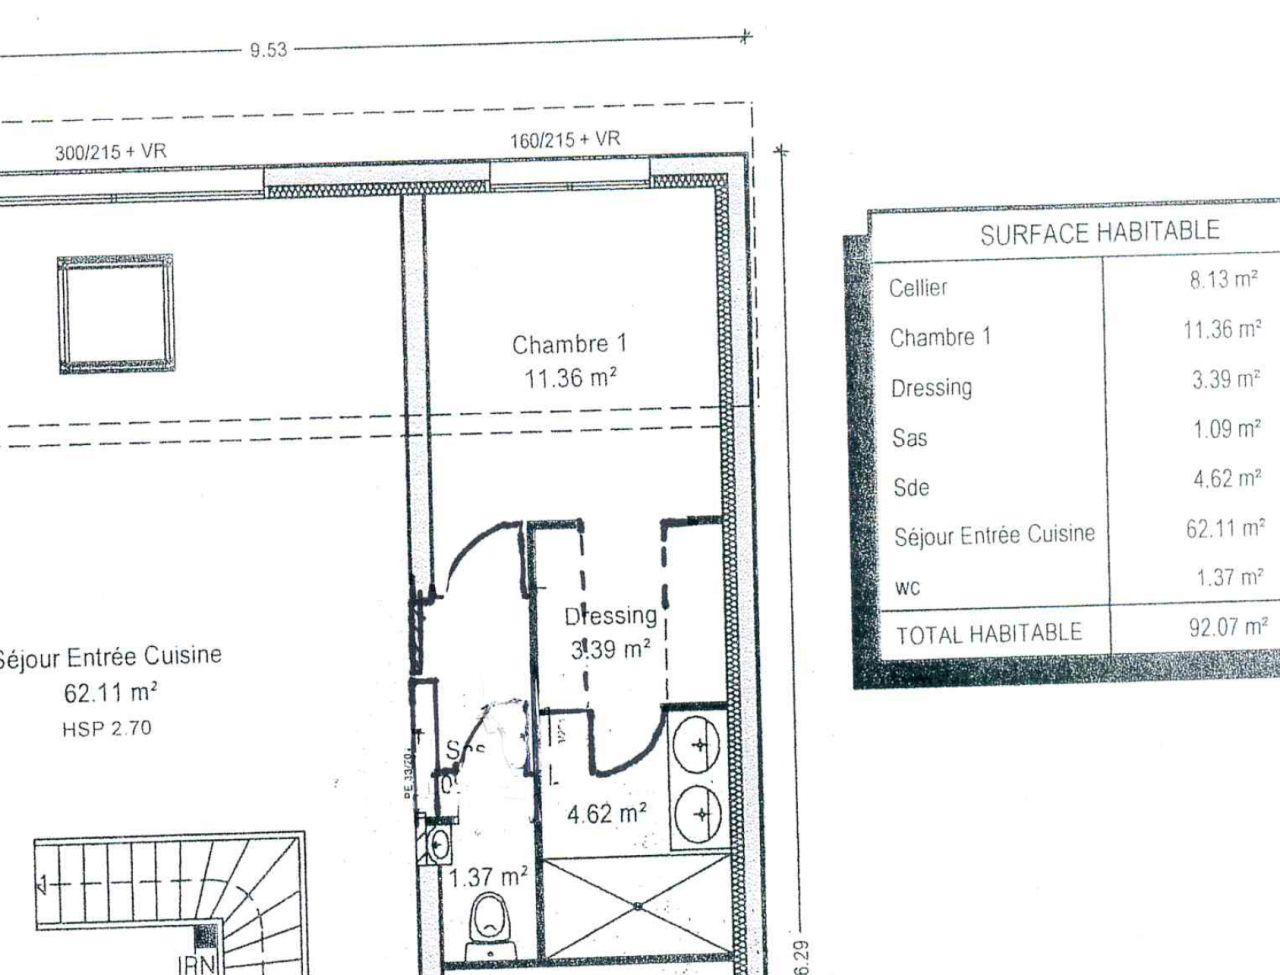 #27393F Maison De Ville Contemporaine Toit Mixte Pour Notre 2ieme  3119 plan suite parentale maison 1280x975 px @ aertt.com